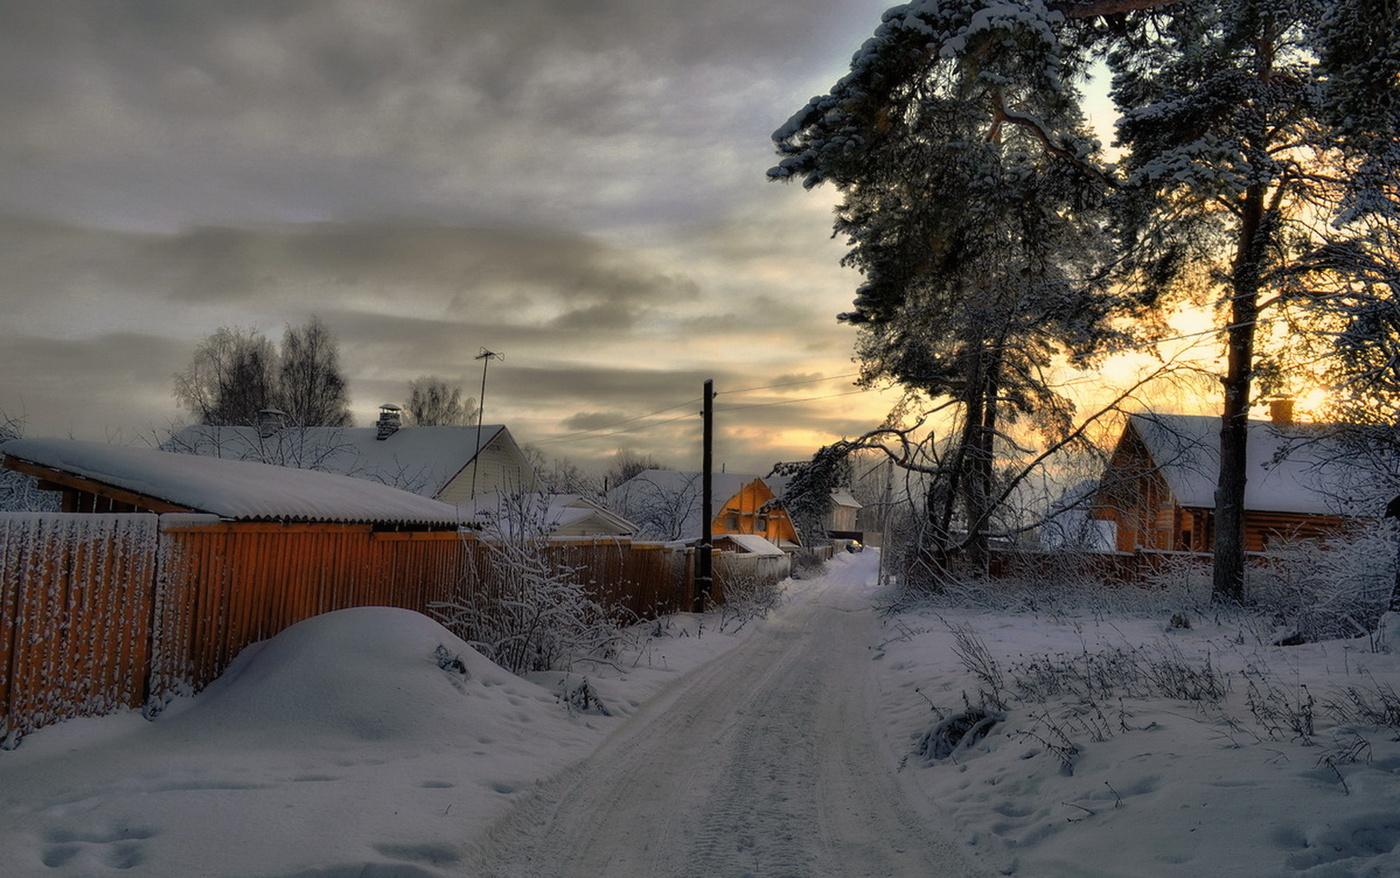 День матери, картинки зимнего вечера в деревне